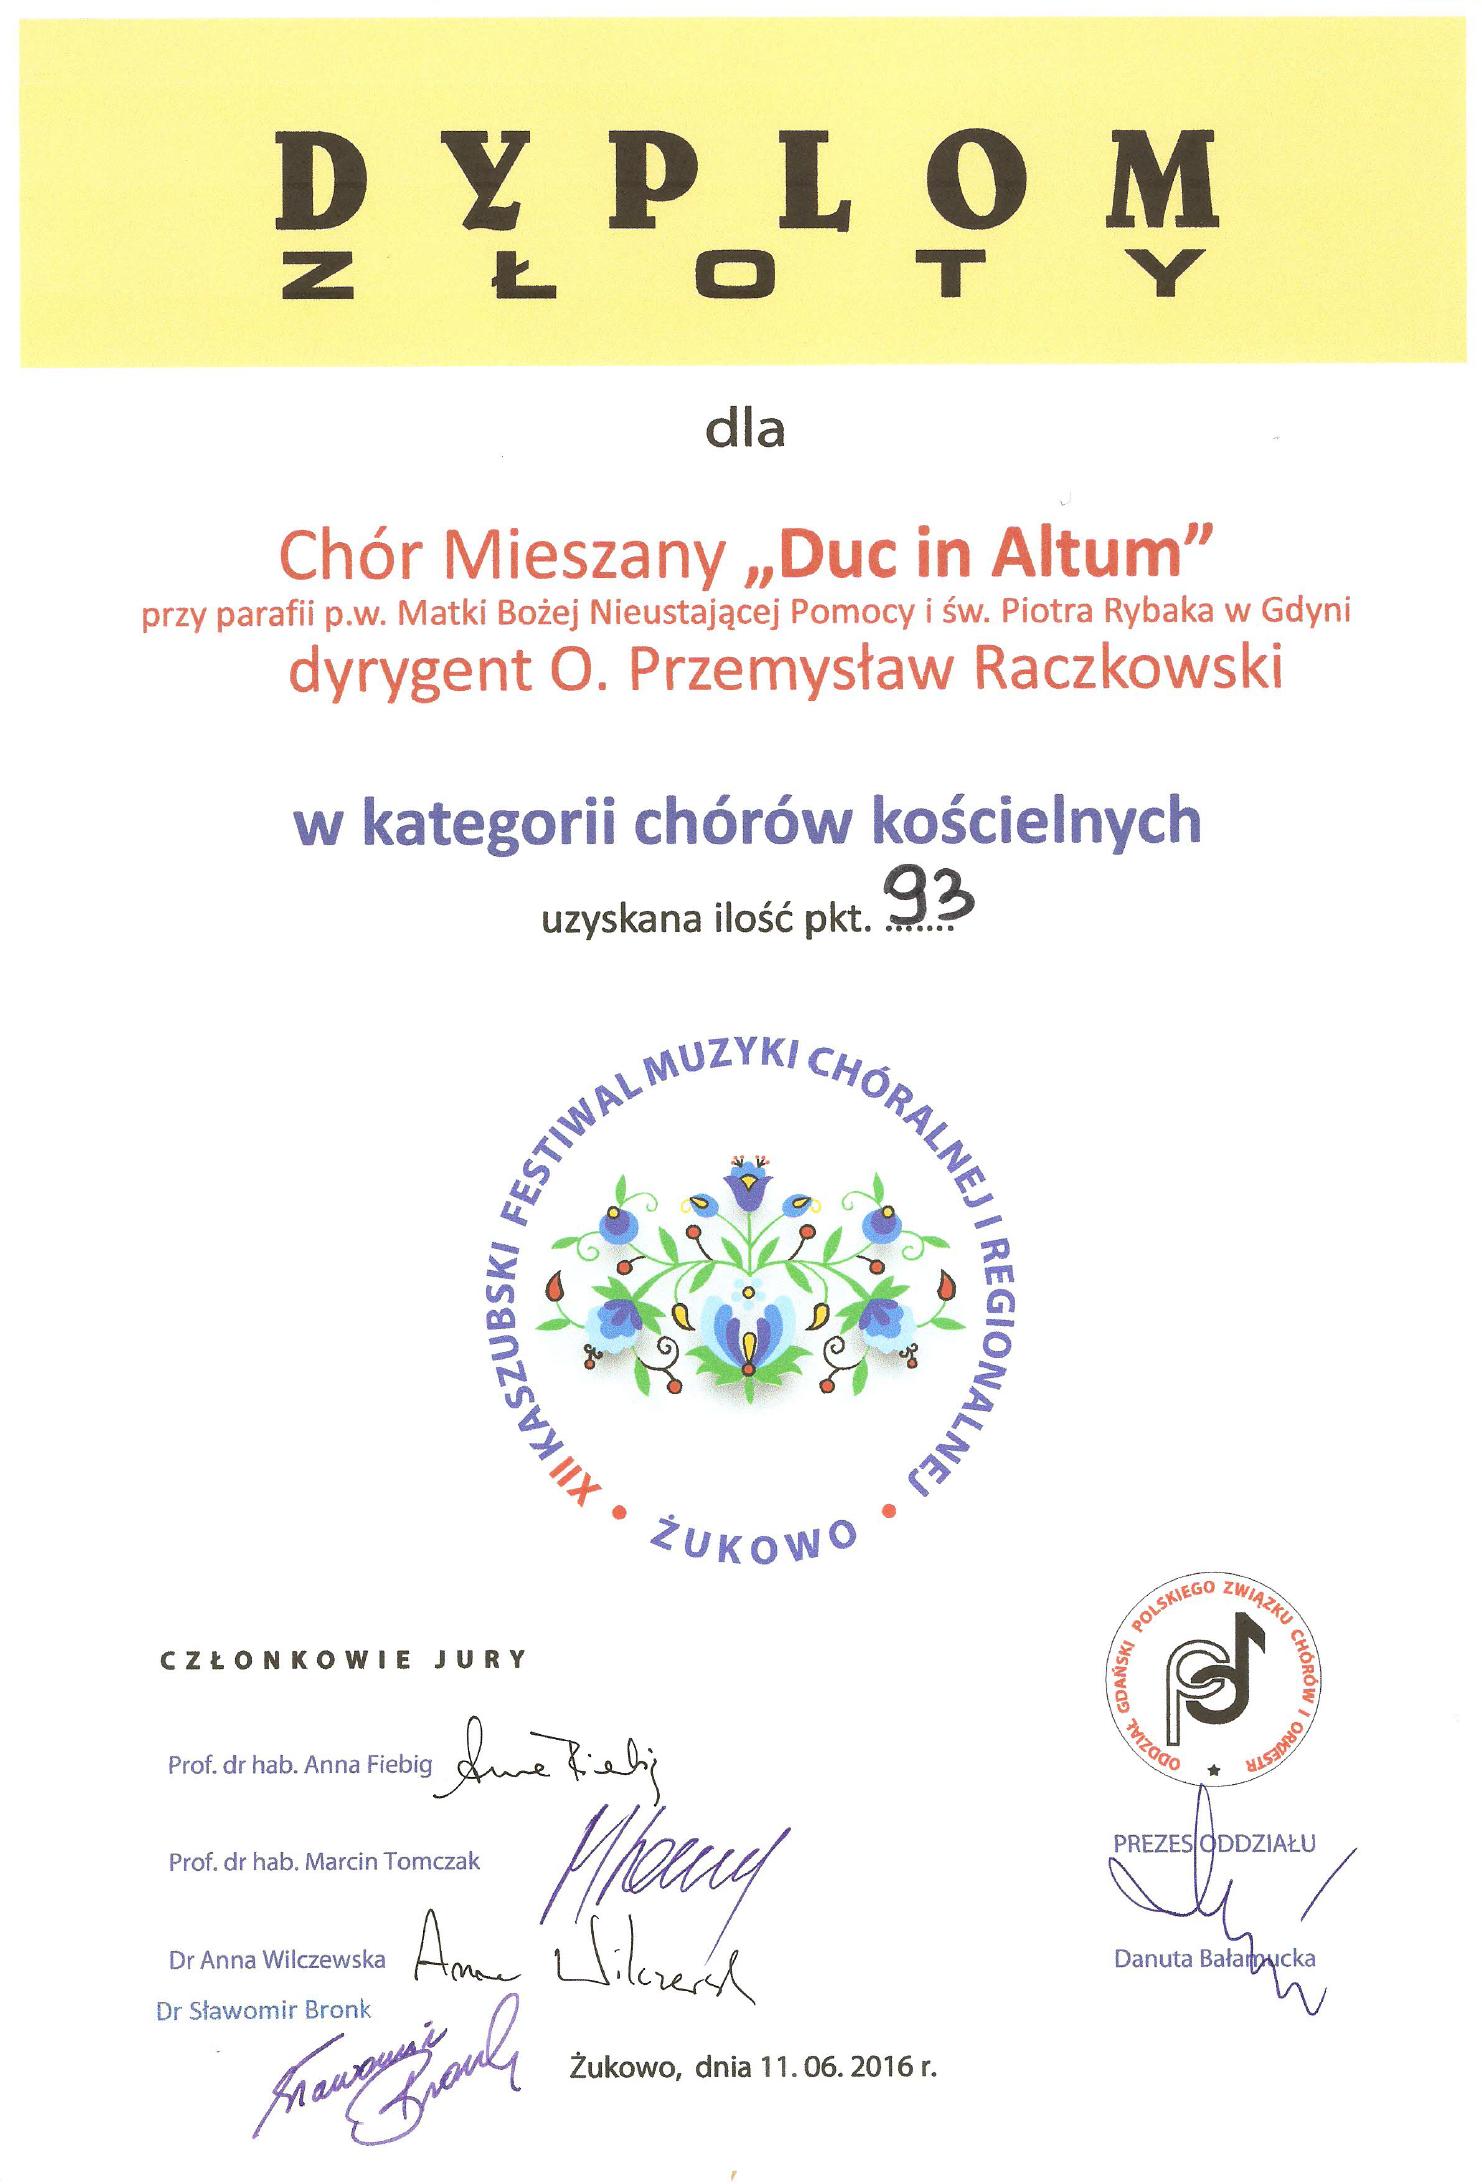 Raczkowski_Duc in altum_Zukowo_2016_zloty_dyplom